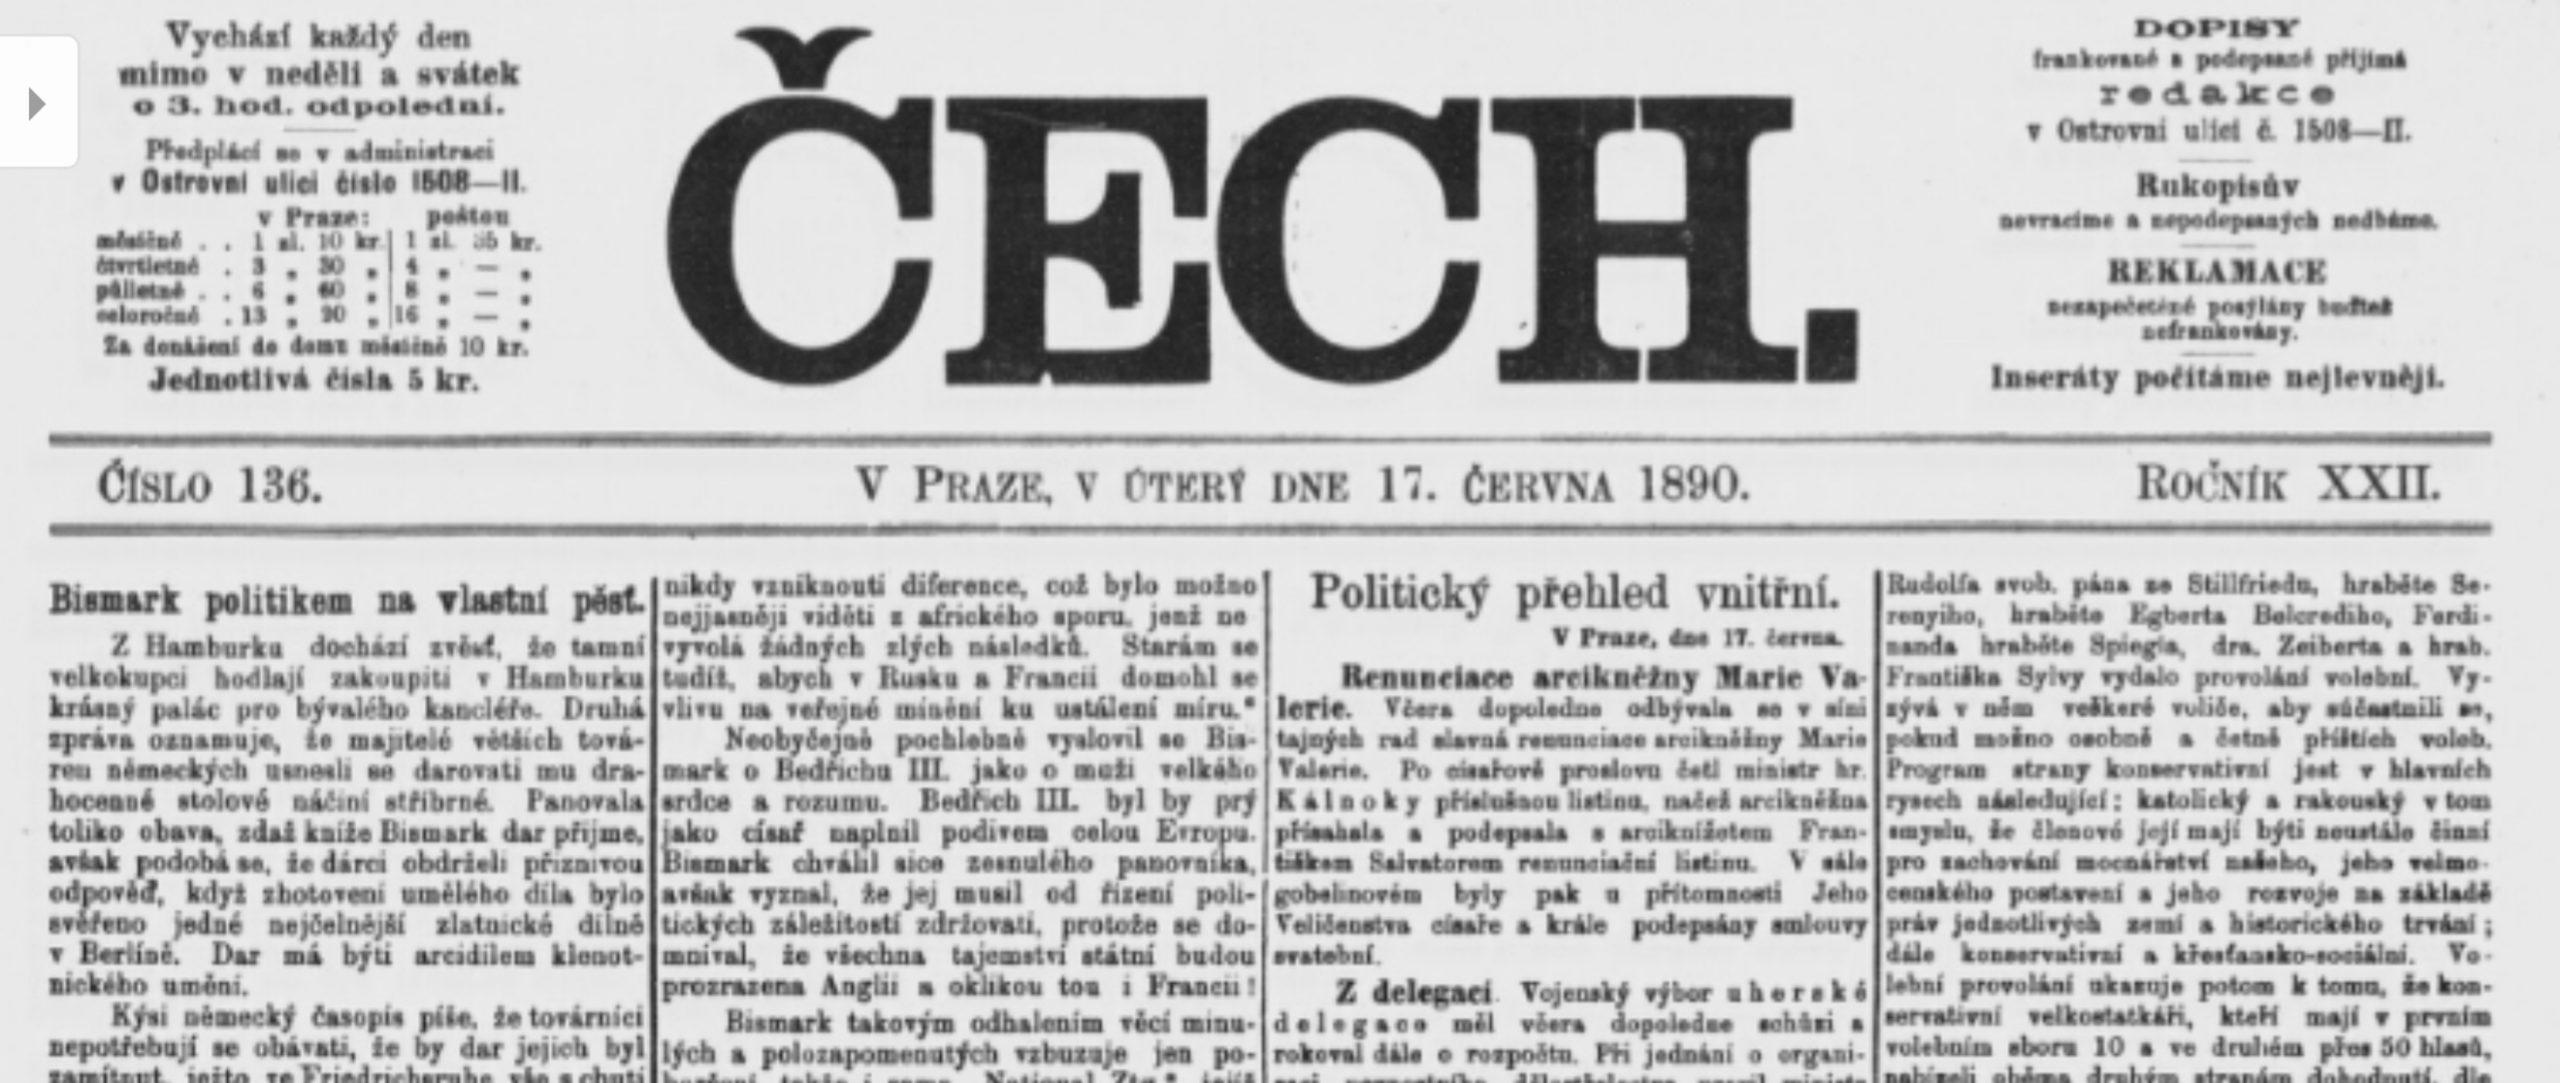 Protivenství kvůli misii v Hleďsebi 1890